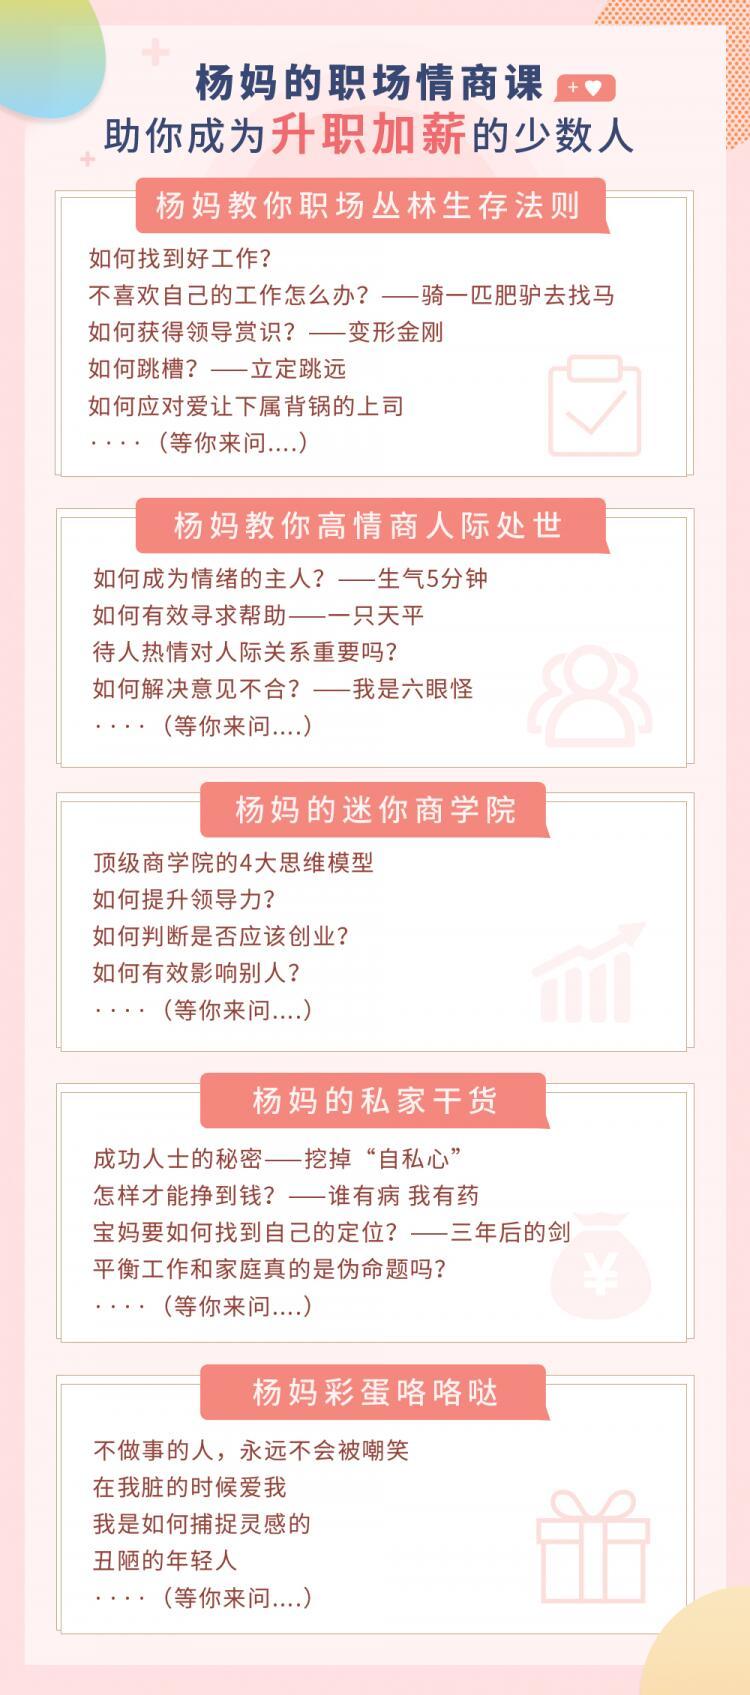 情商课程:杨妈的升职加薪职场情商课